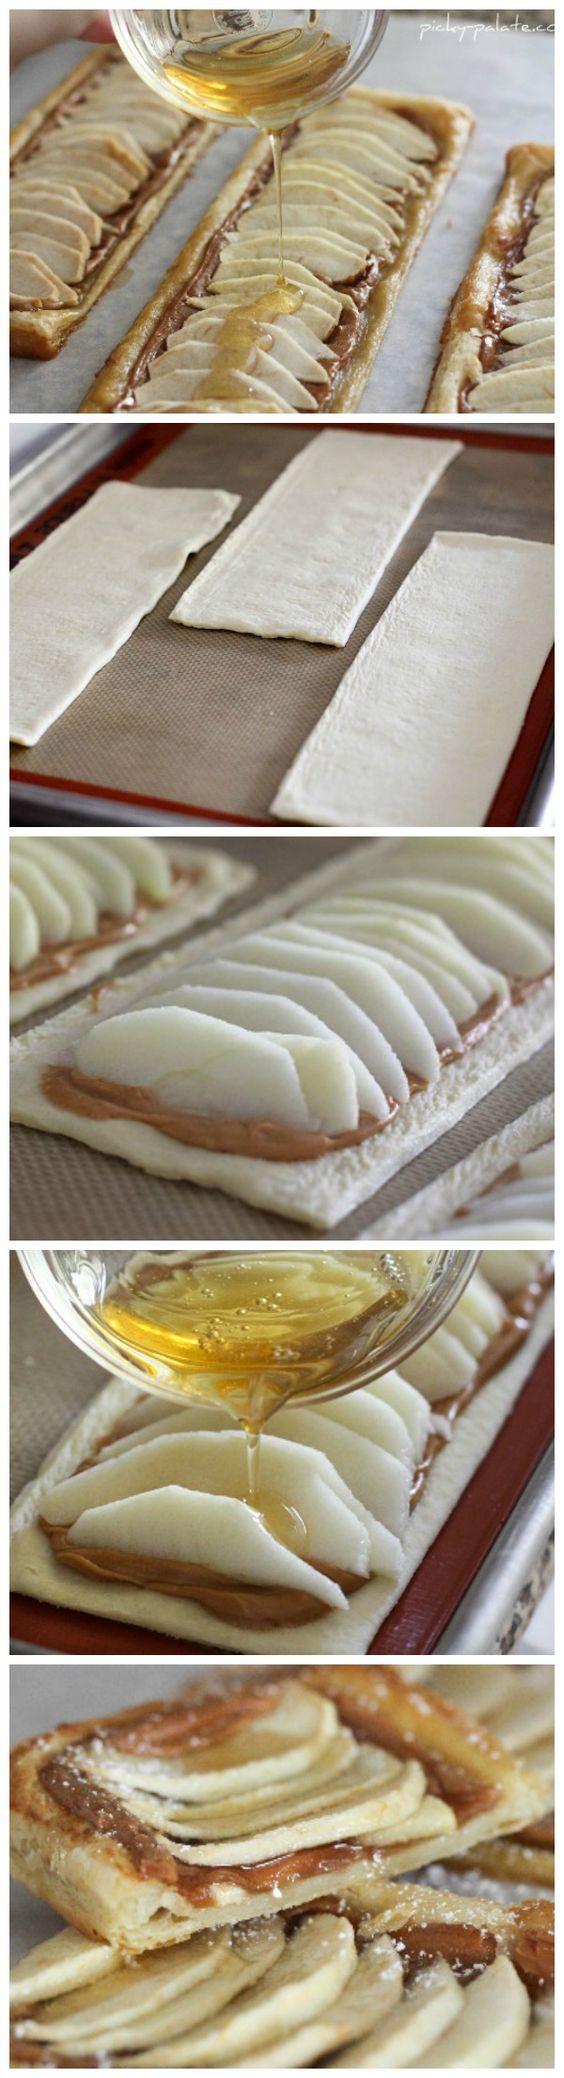 Honeyed Apple Peanut Butter Tart | Tartas, Bollería y Hojaldres